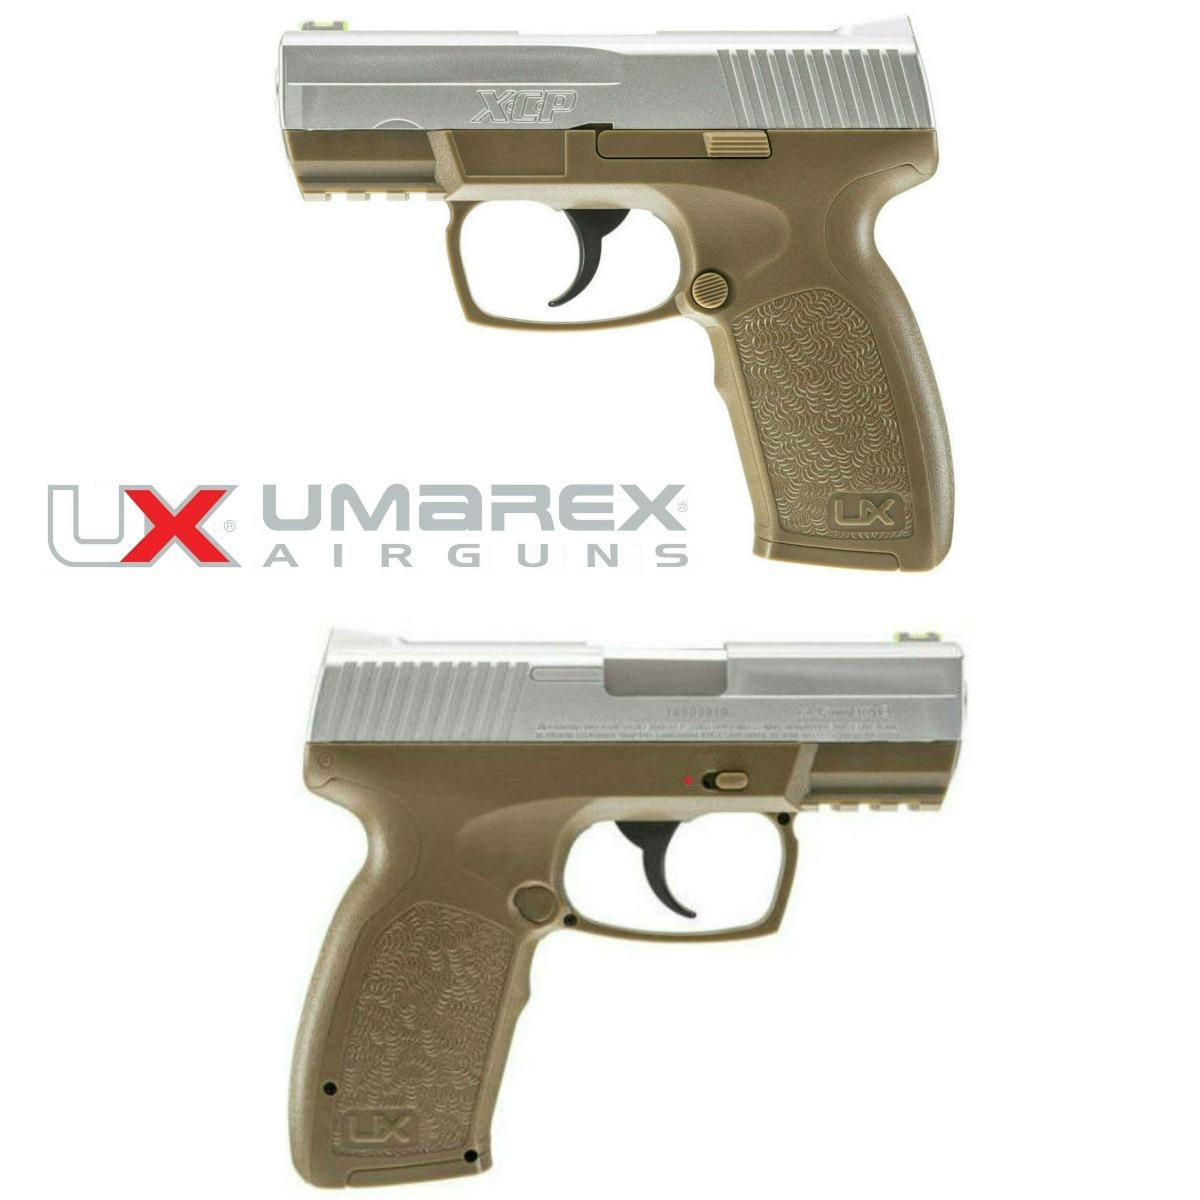 Pistola Xcp Umarex Semi Auto Co2 Postas 20 Tiros 410 Fps